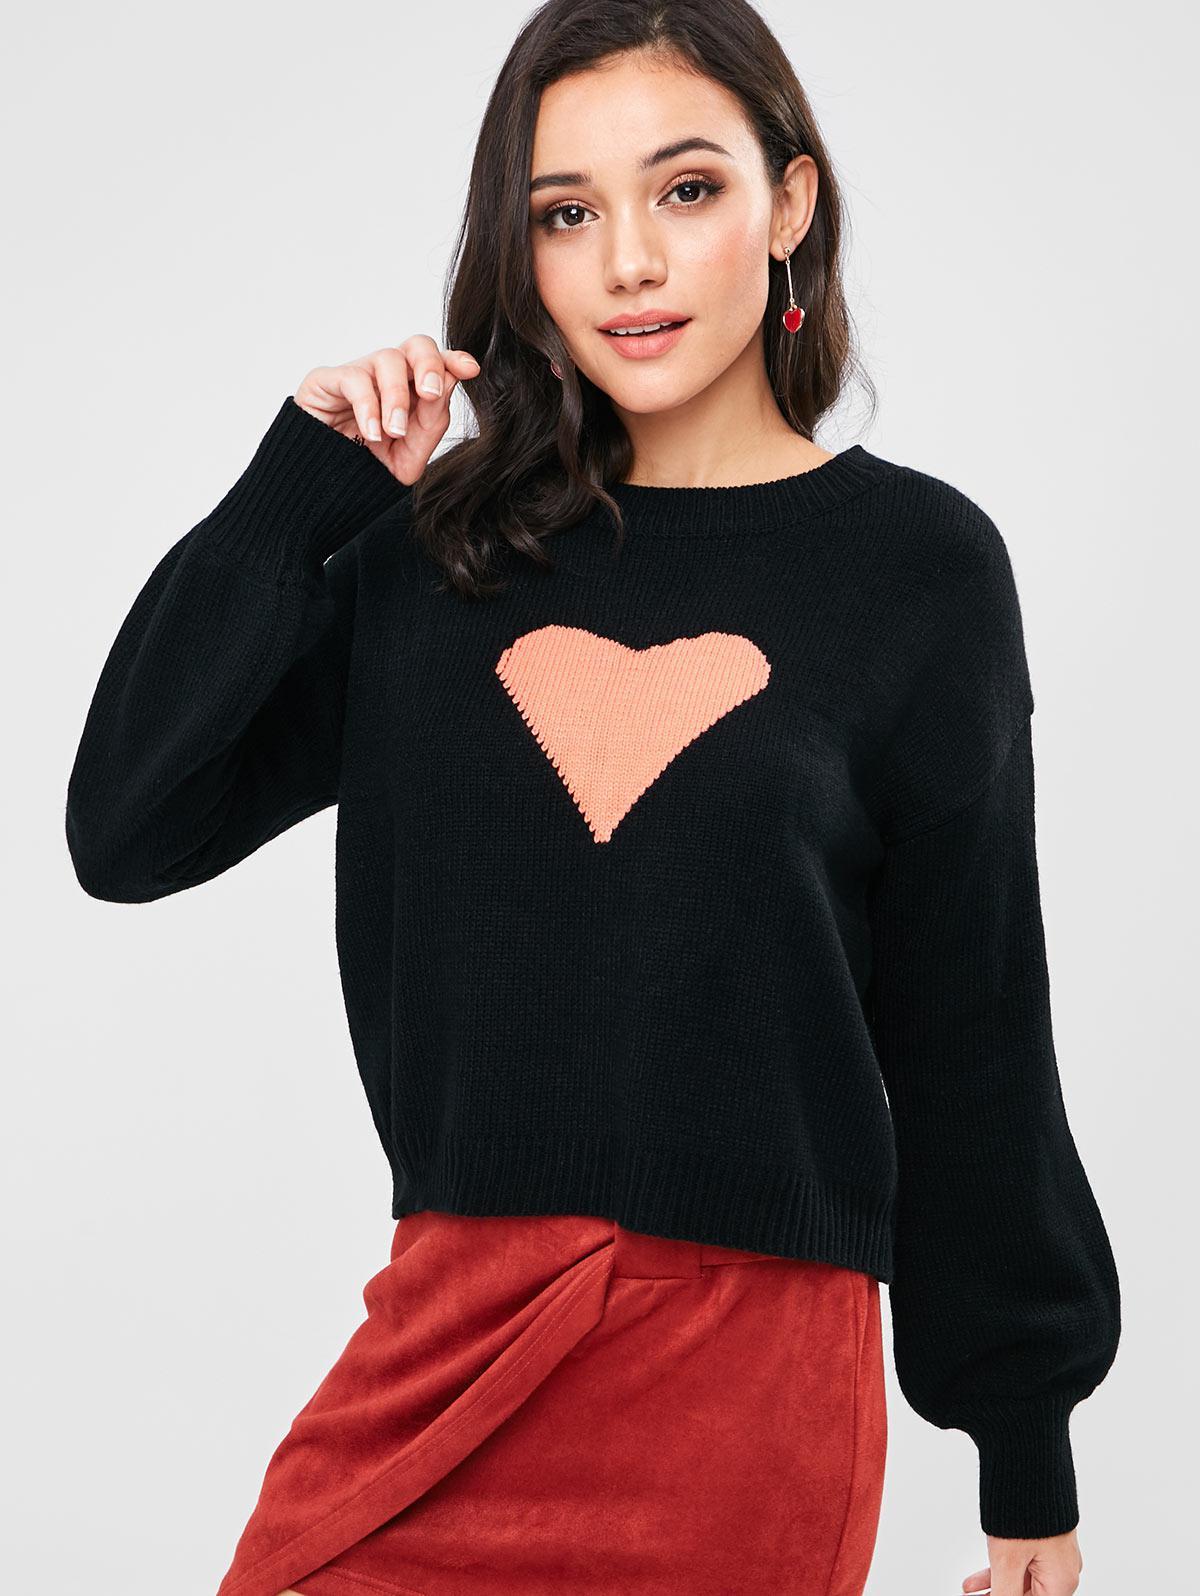 Lantern Sleeve Heart Graphic Valentine Sweater